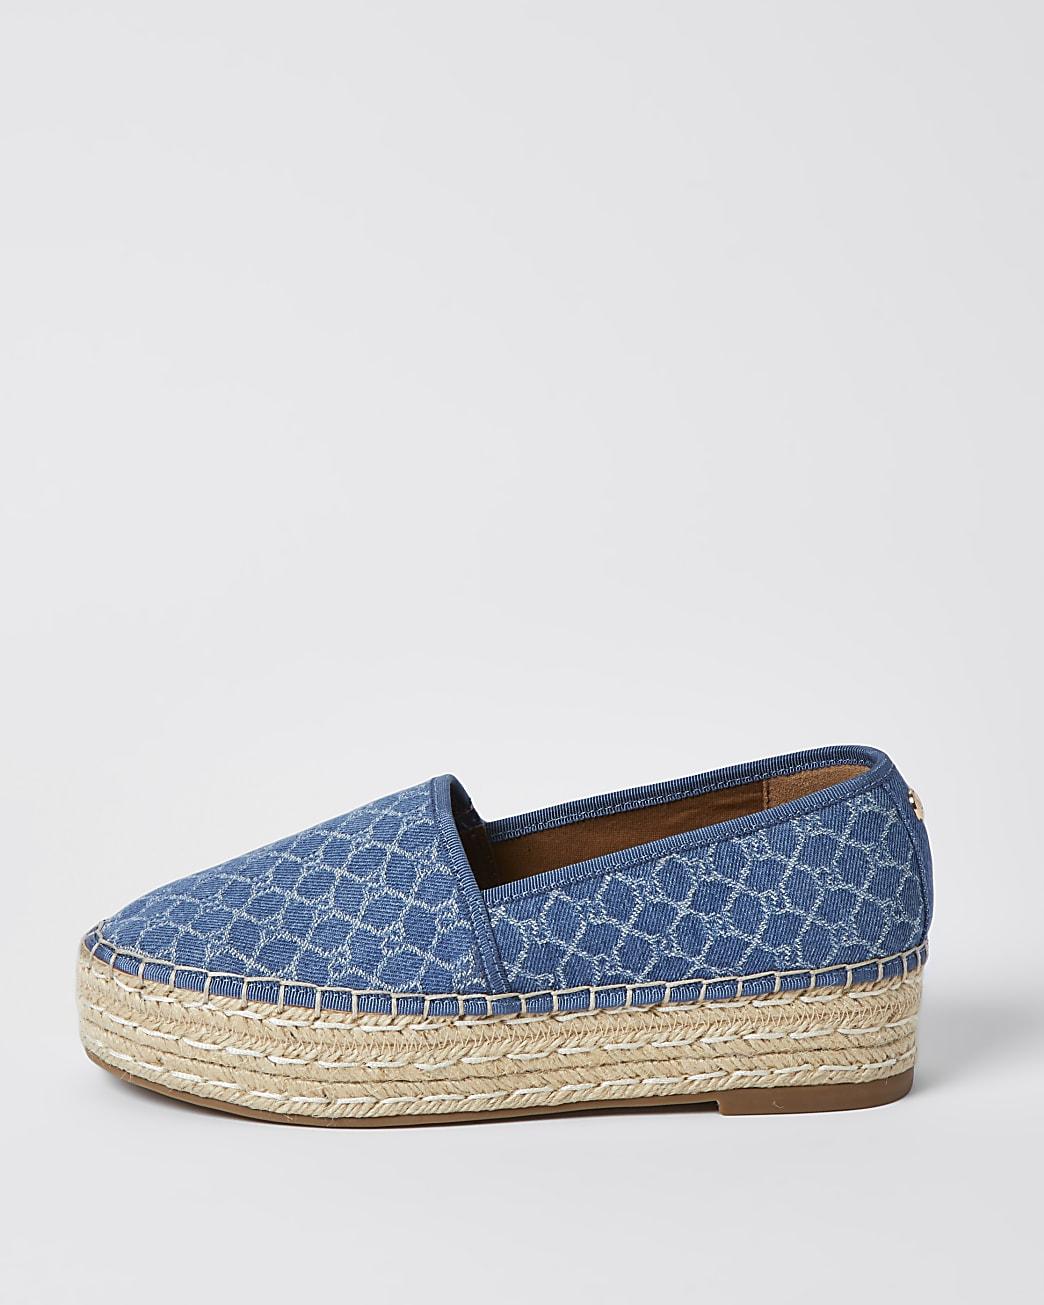 Blue RI monogram print espadrille sandals